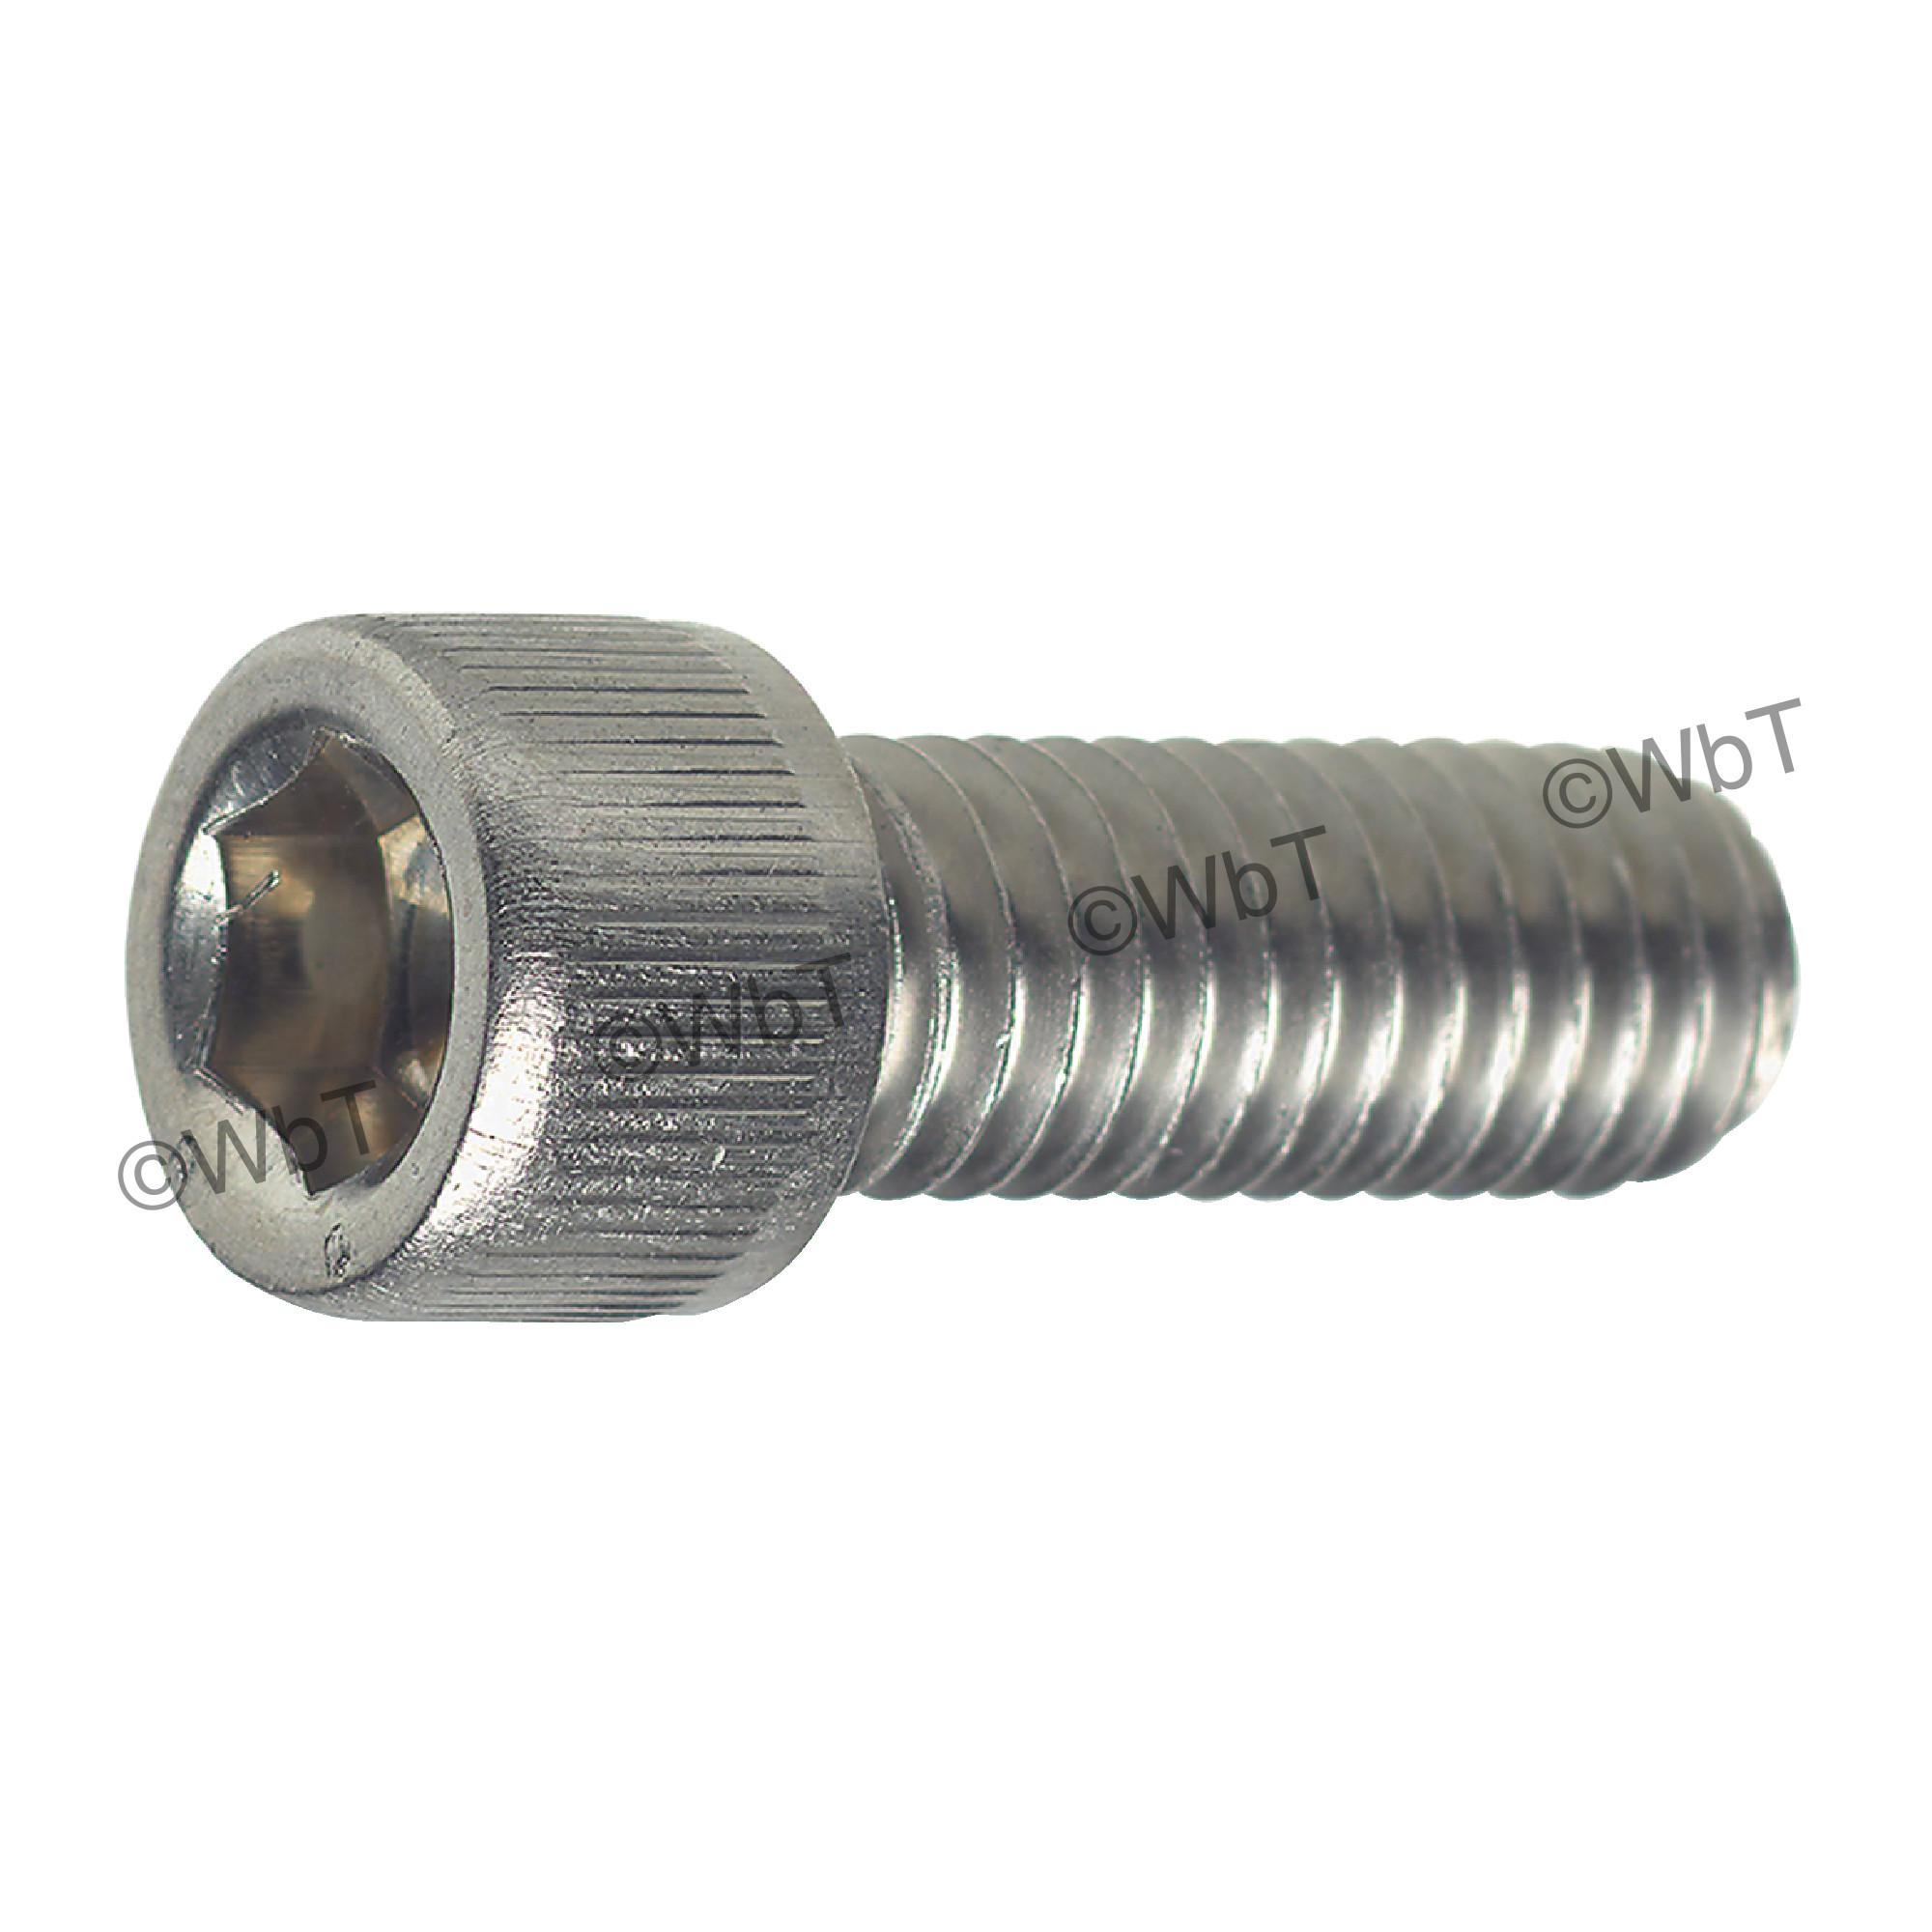 Metric Socket Head Cap Screw